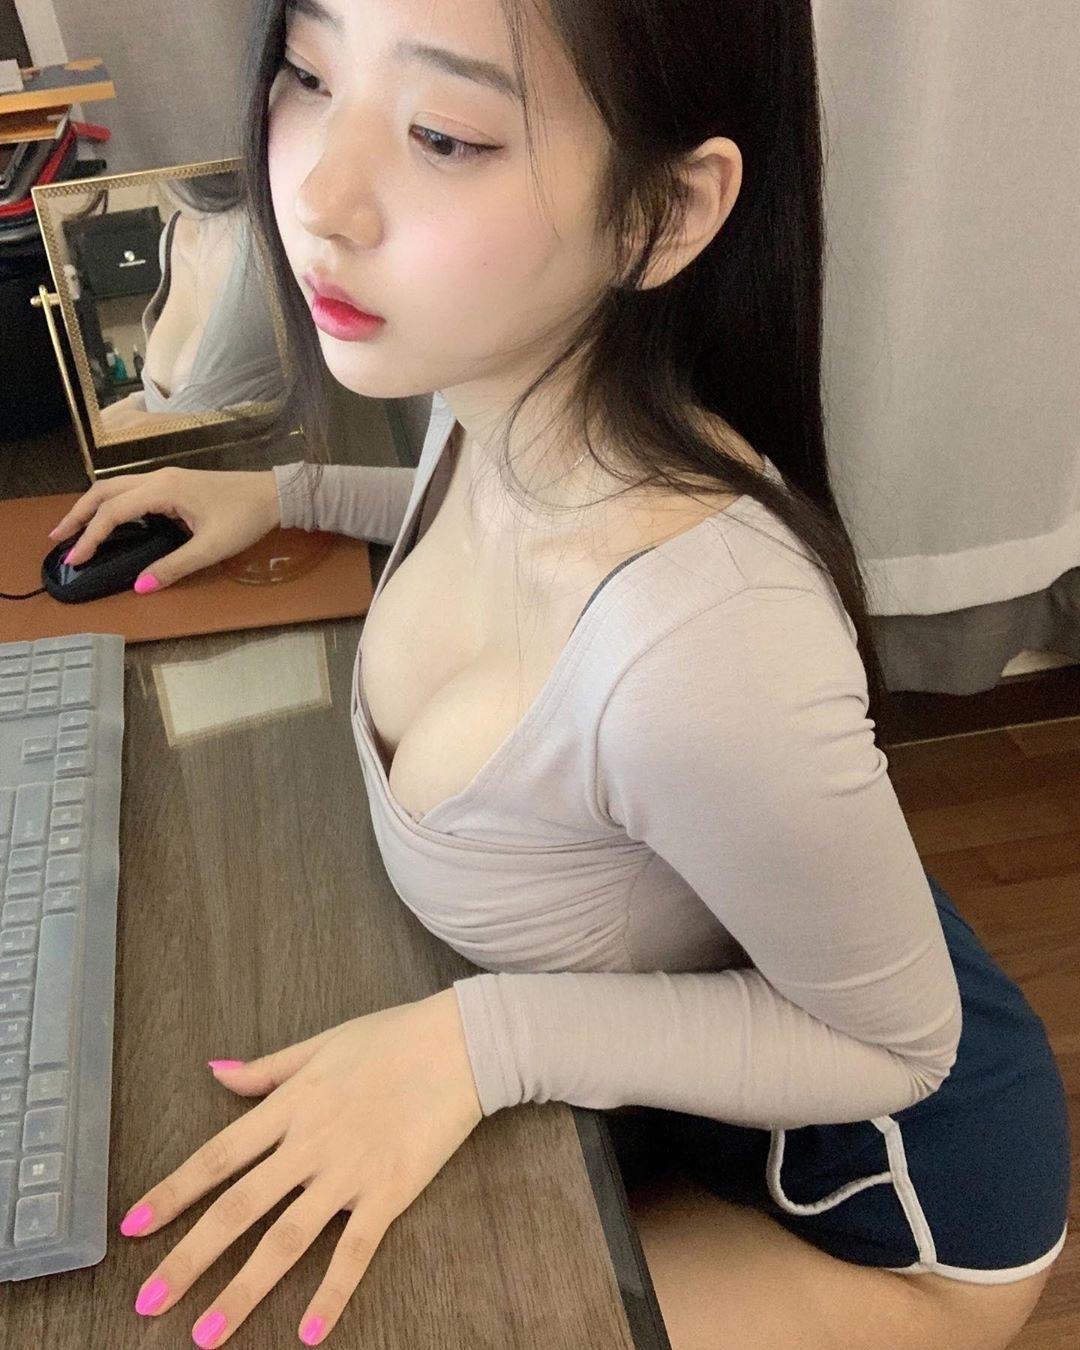 韩国网红模特zennyrt(申才恩)魔鬼身材清秀容颜人气逆天 发现美